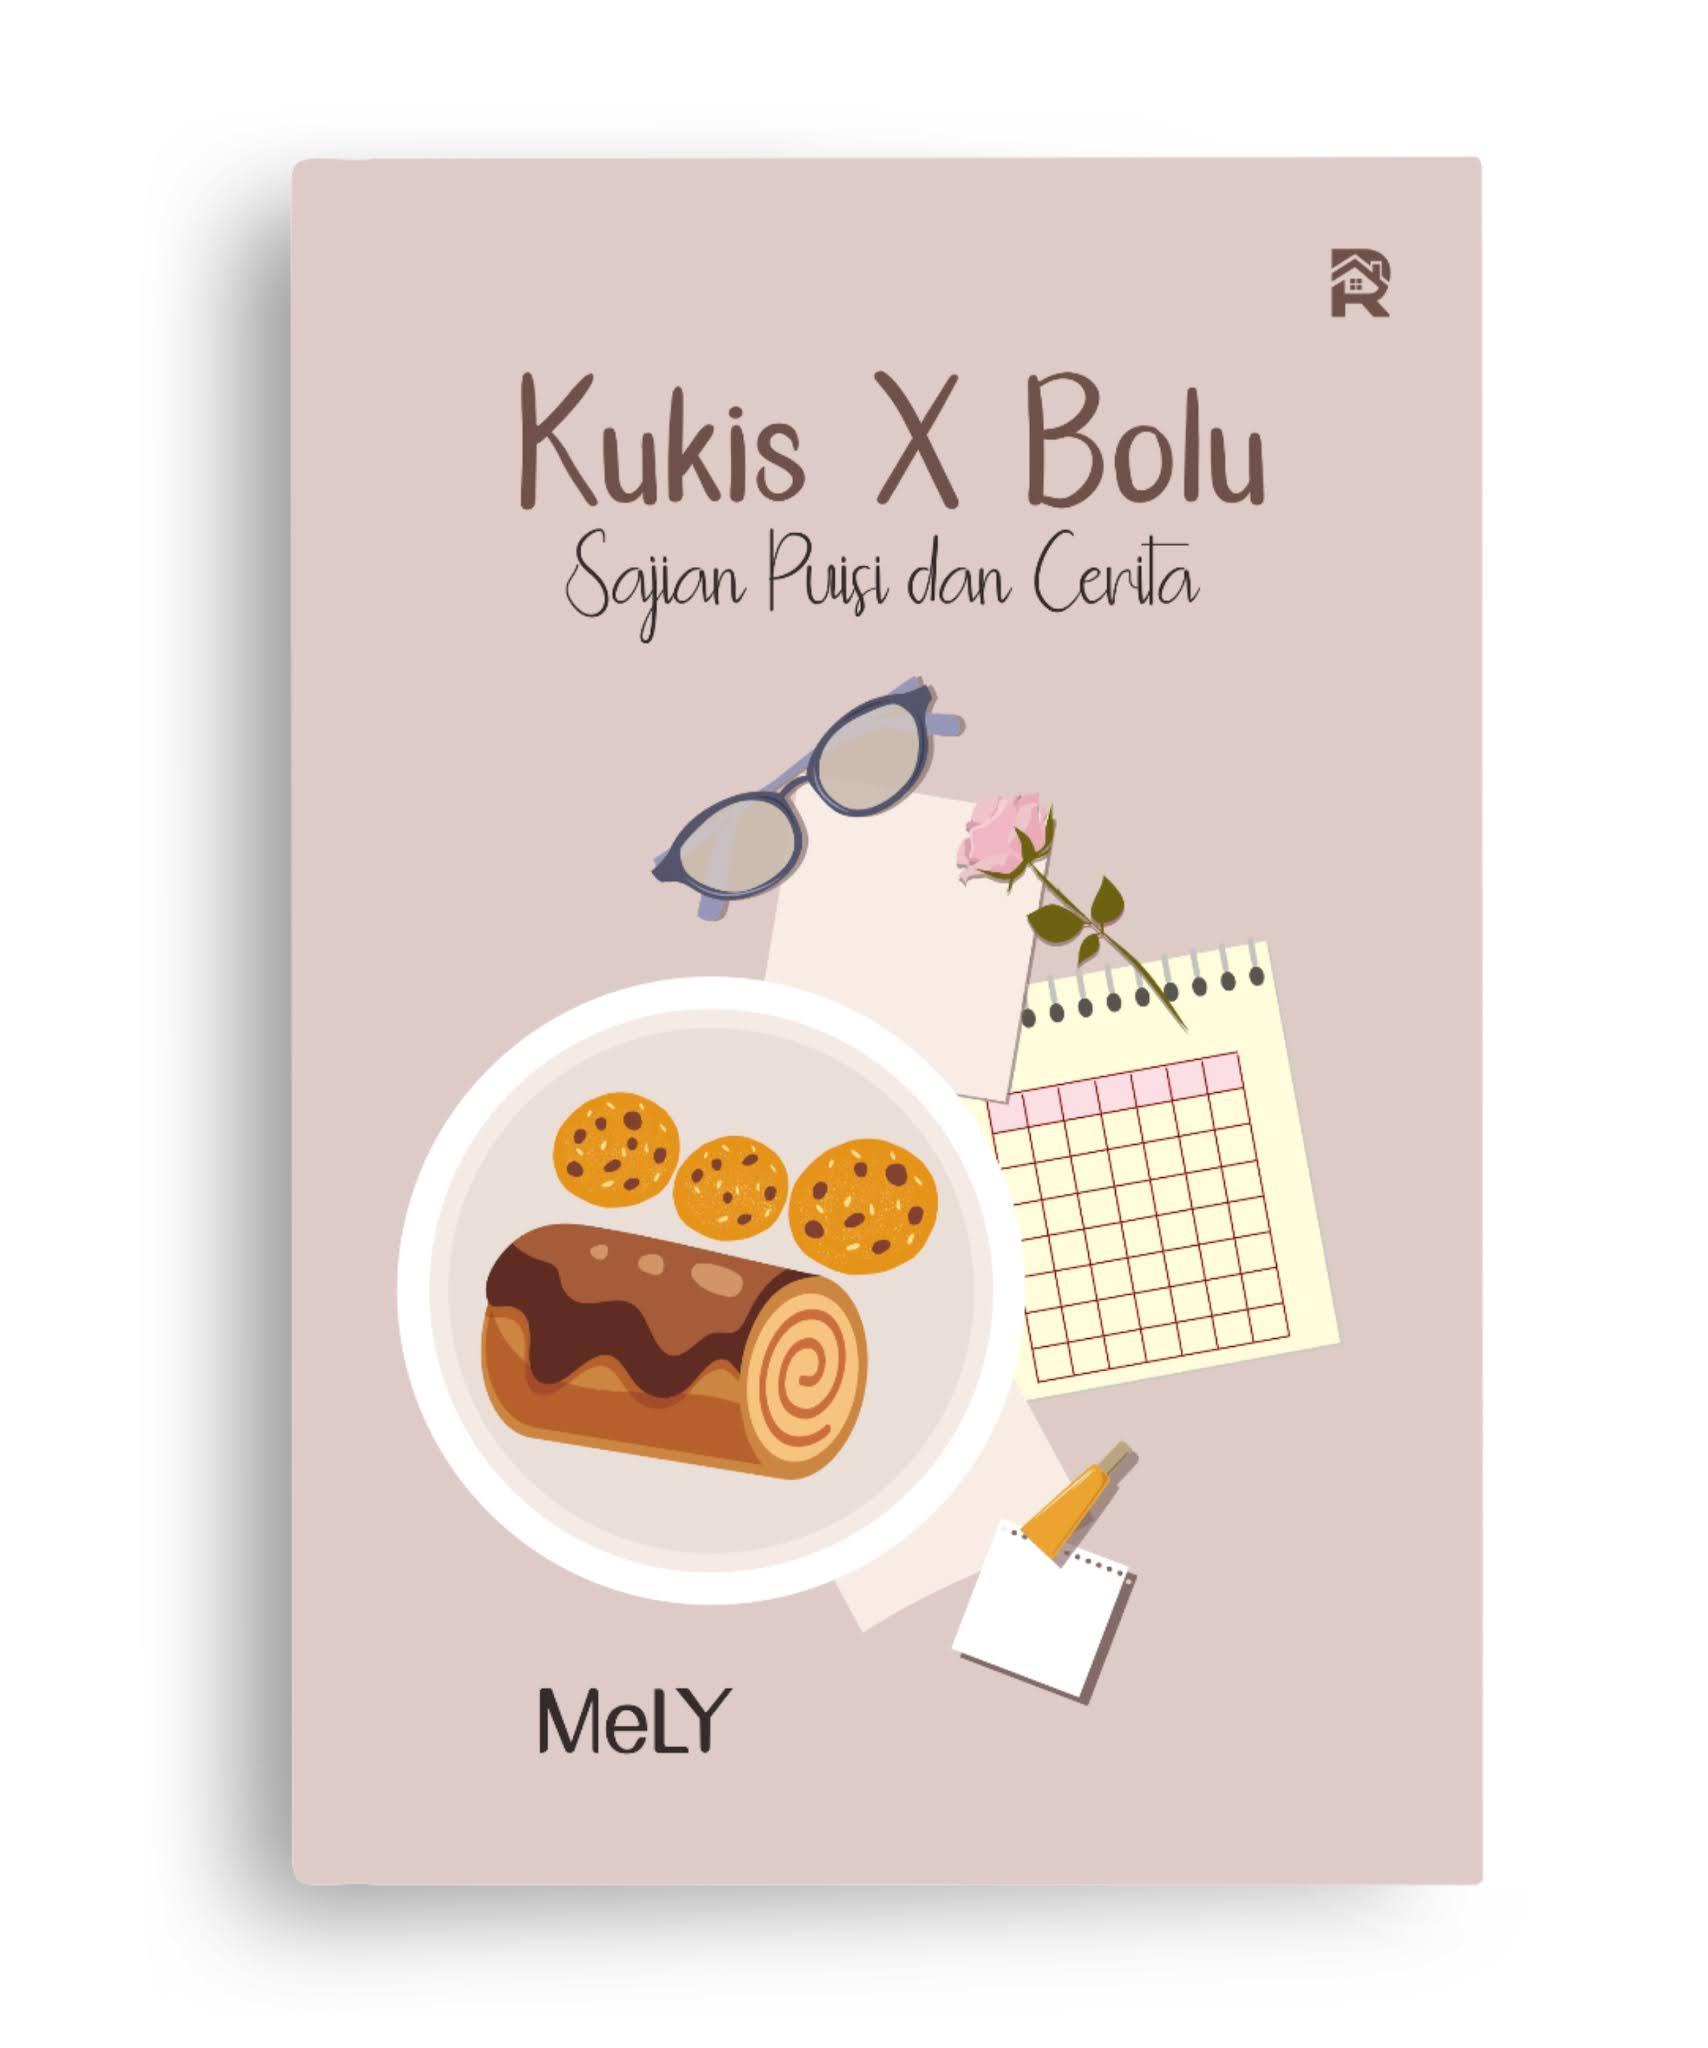 Kukis X Bolu (Sajian Puisi dan Cerita)